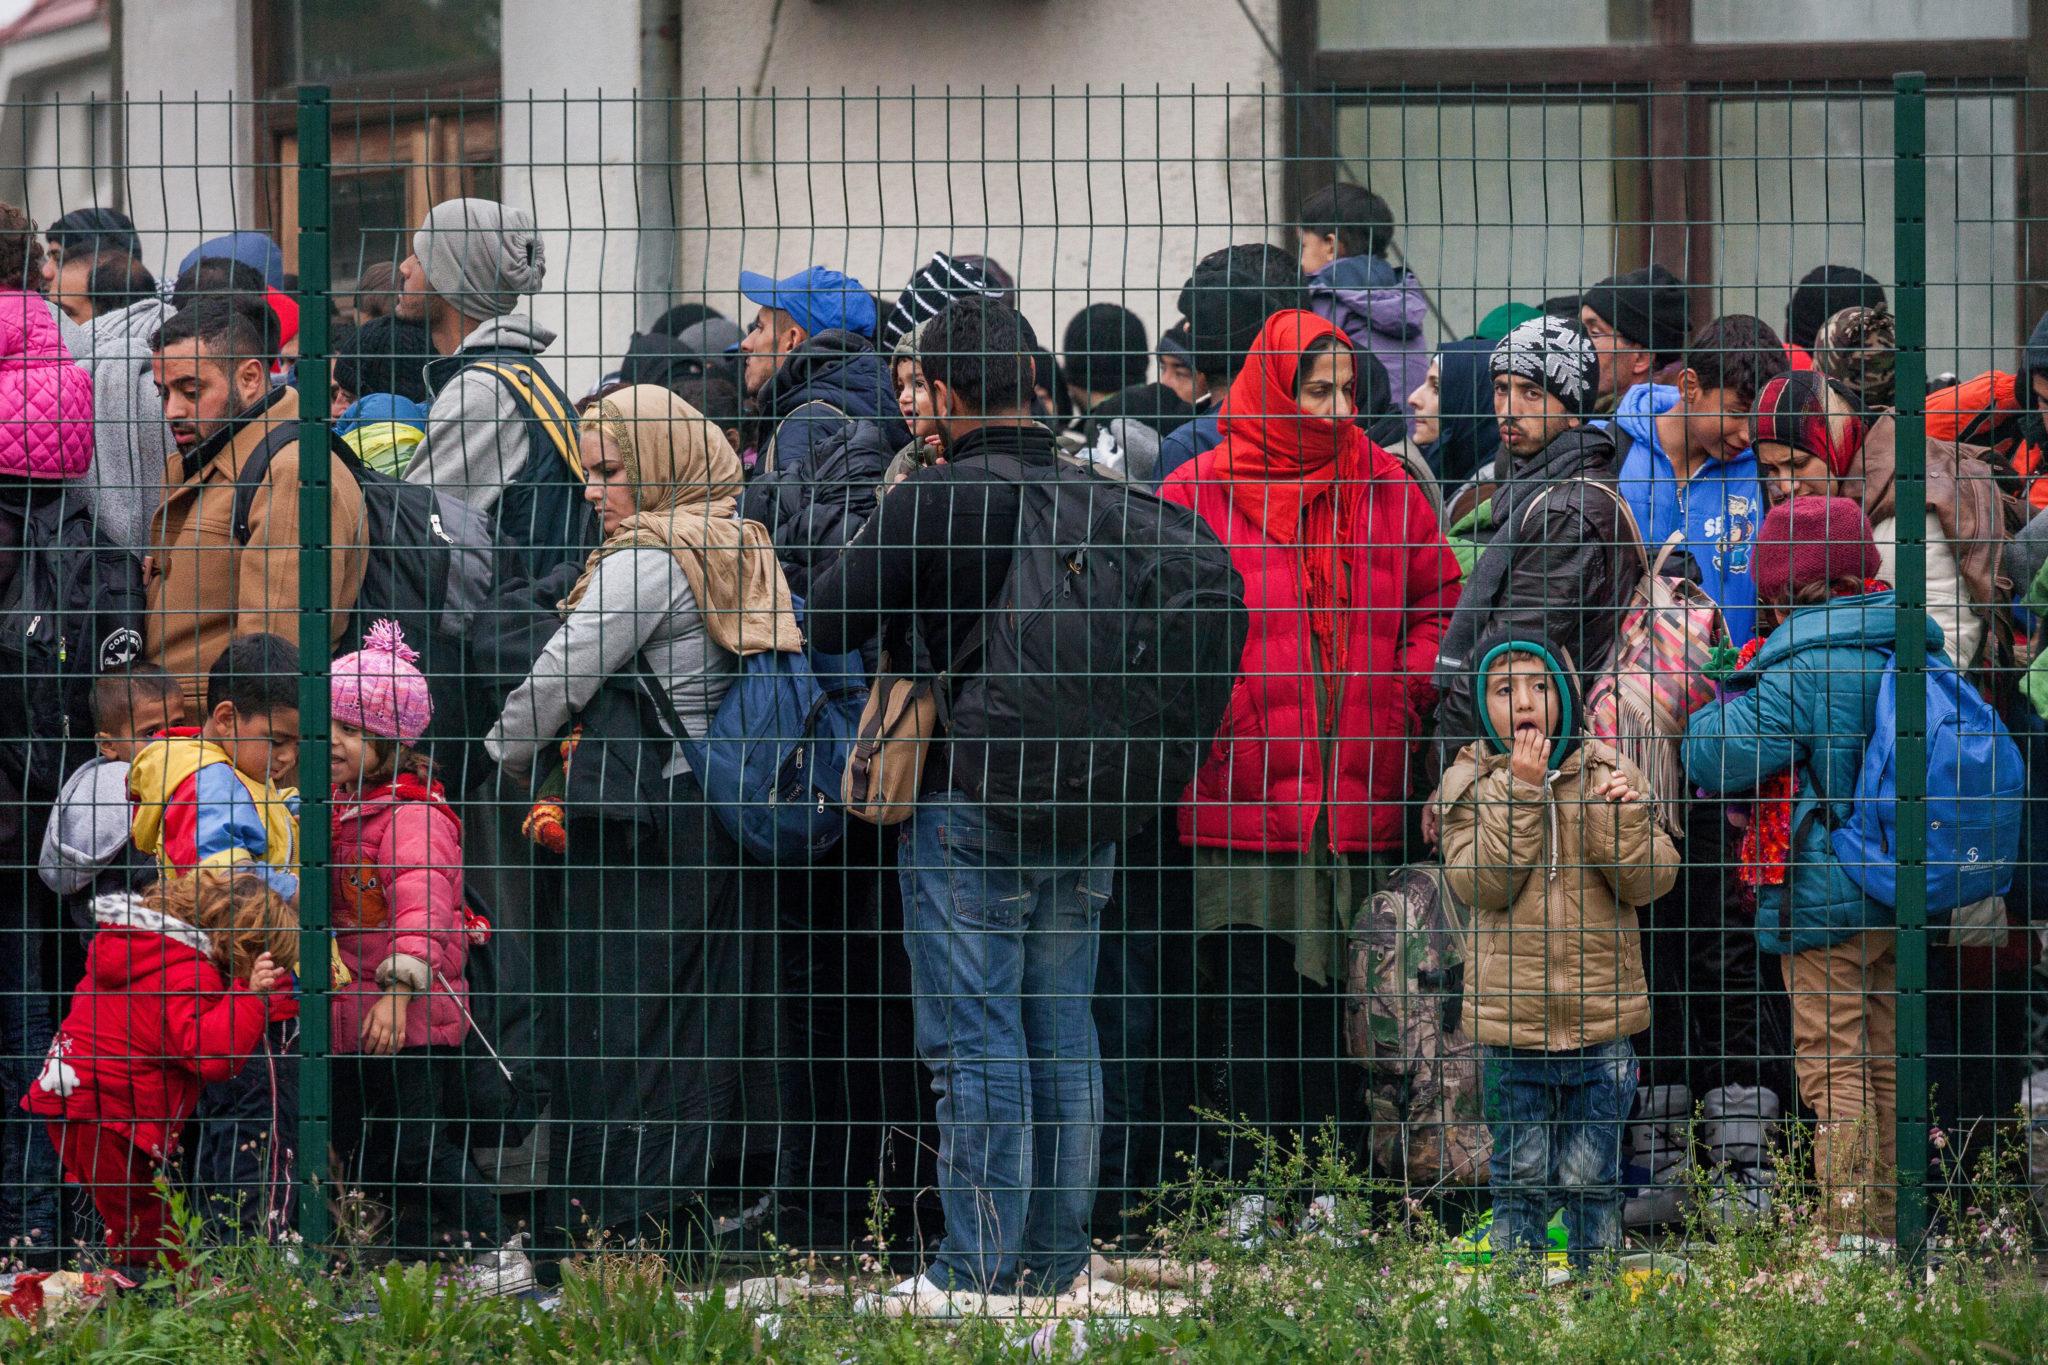 Flüchtlinge warten auf den Bus in ein Flüchtlings-Camp in Dobova, Slowenien.